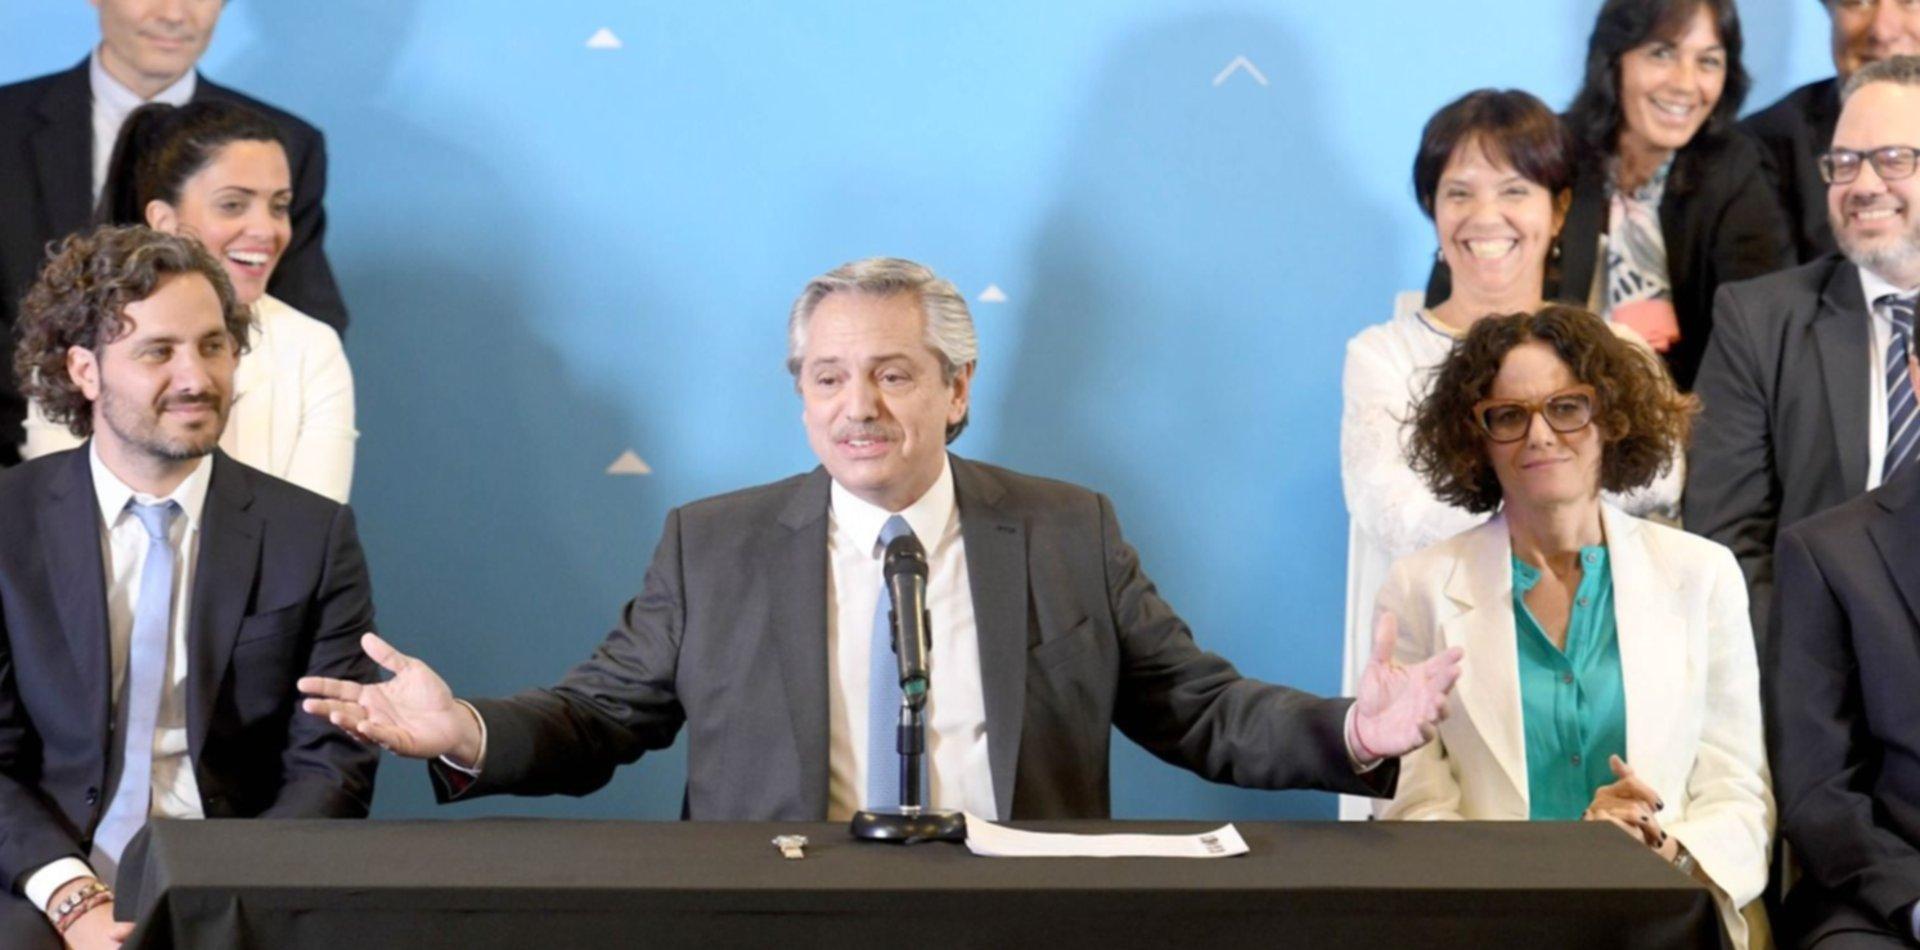 ¿Quiénes son los platenses que forman parte del nuevo gabinete que anunció Alberto Fernández?